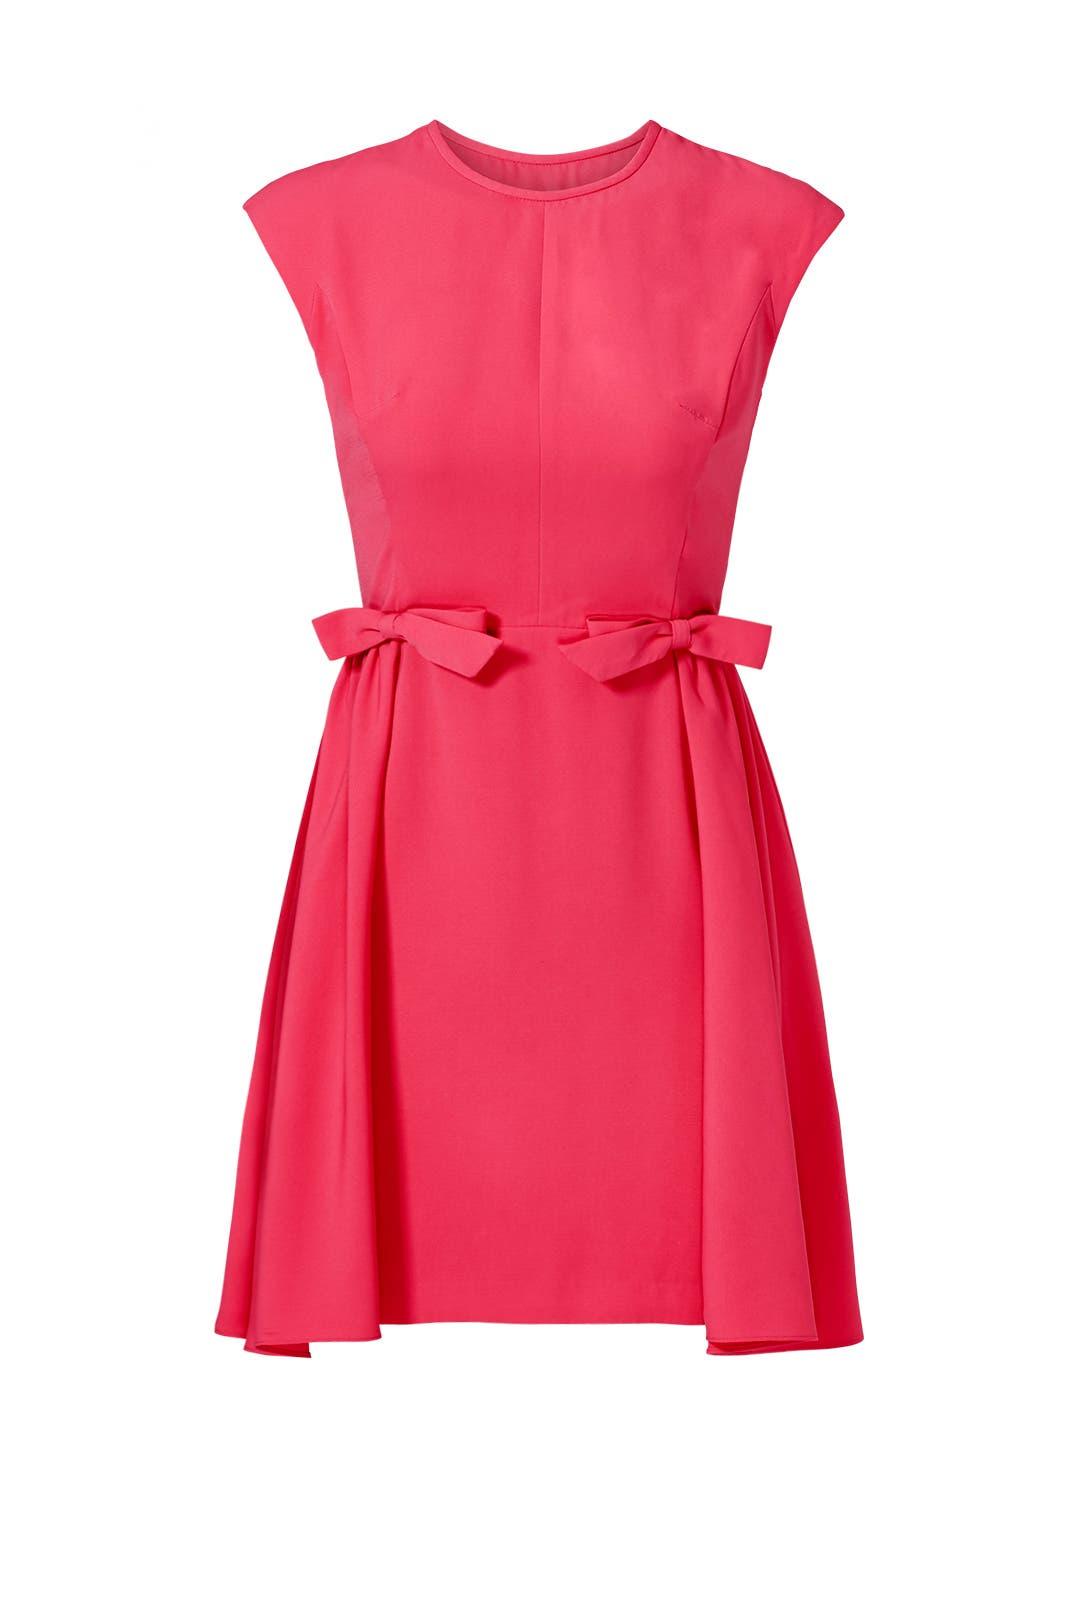 My Sweet Side Dress by Jill Jill Stuart